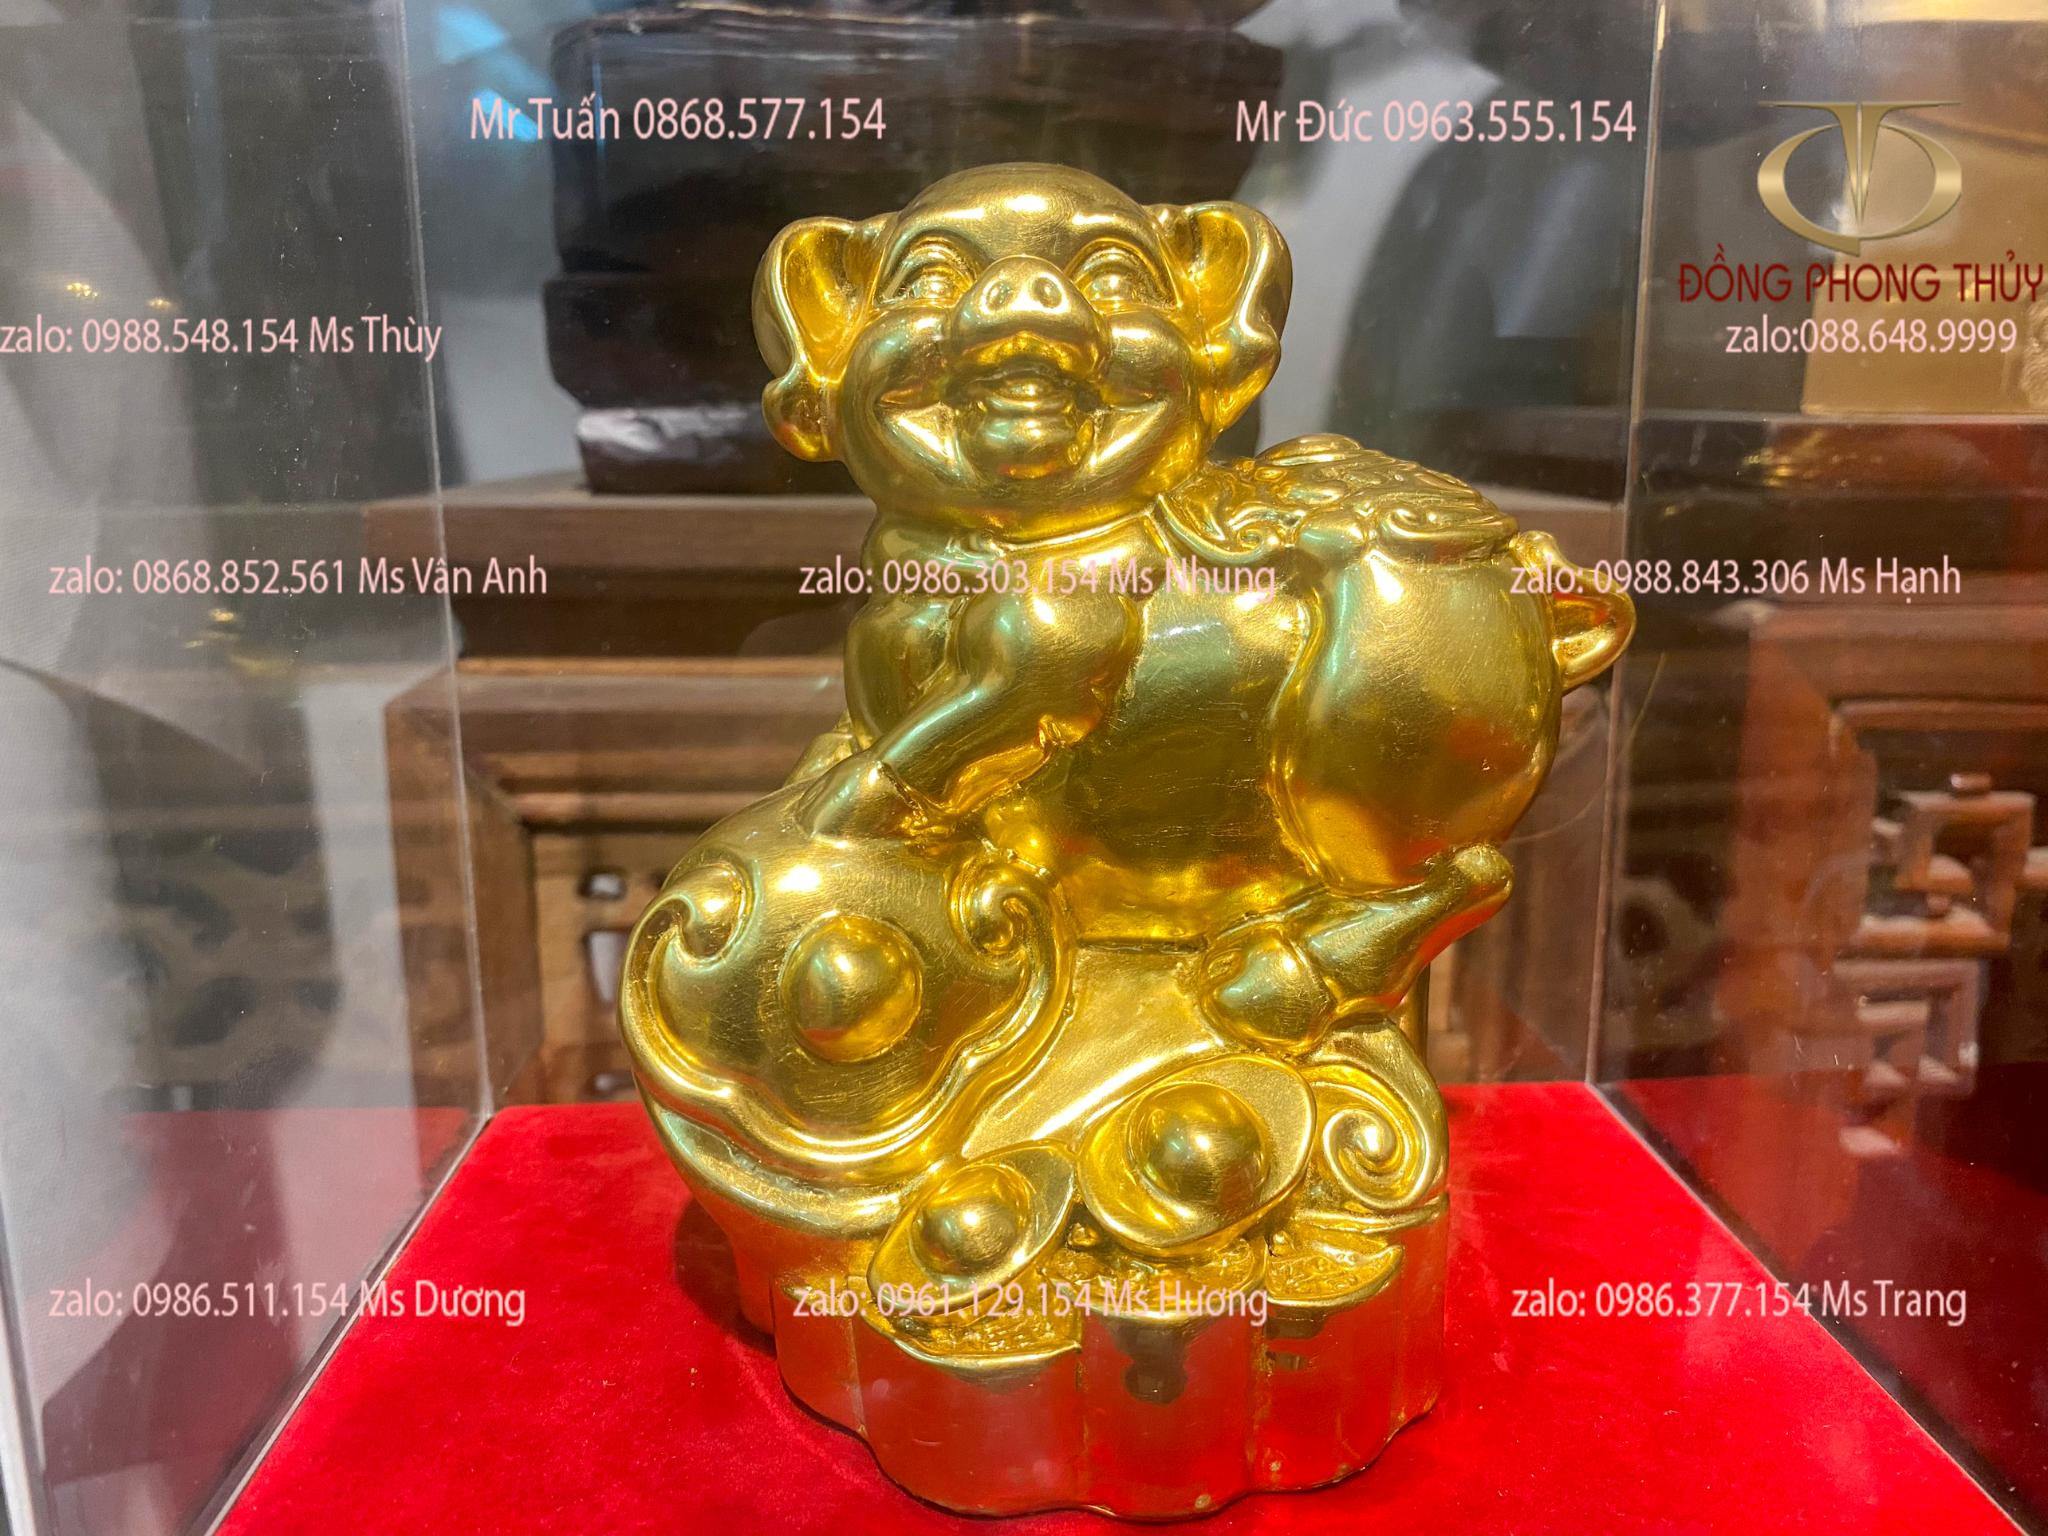 Quà tặng sếp: tượng heo bằng đồng dát vàng 24k